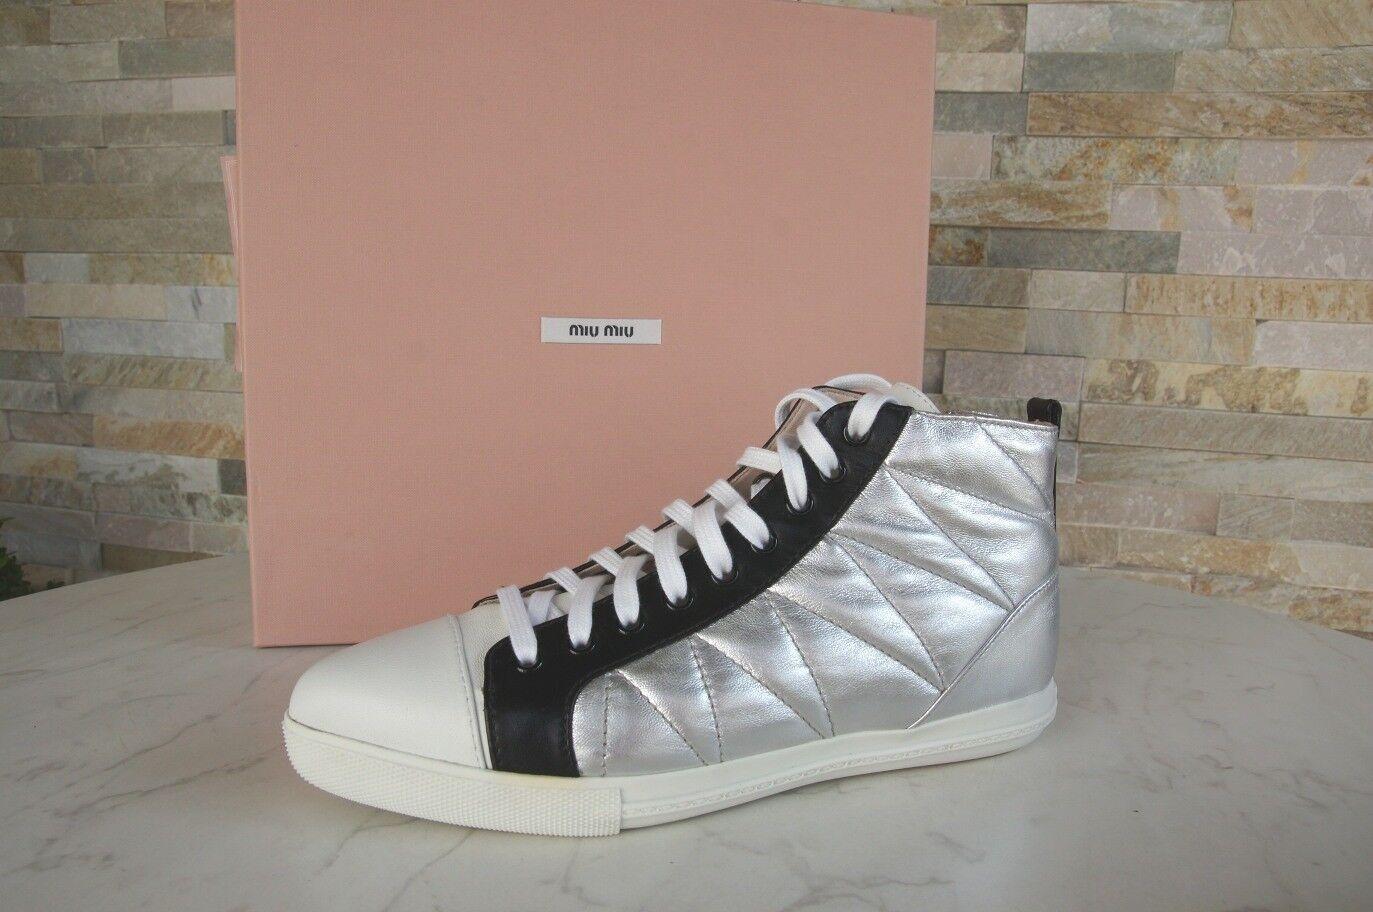 Descuento de la marca Barato y cómodo Miu Miu gr 38,5 High-top Zapatillas Zapatos Zapatos 5t9039 multicolor NUEVO